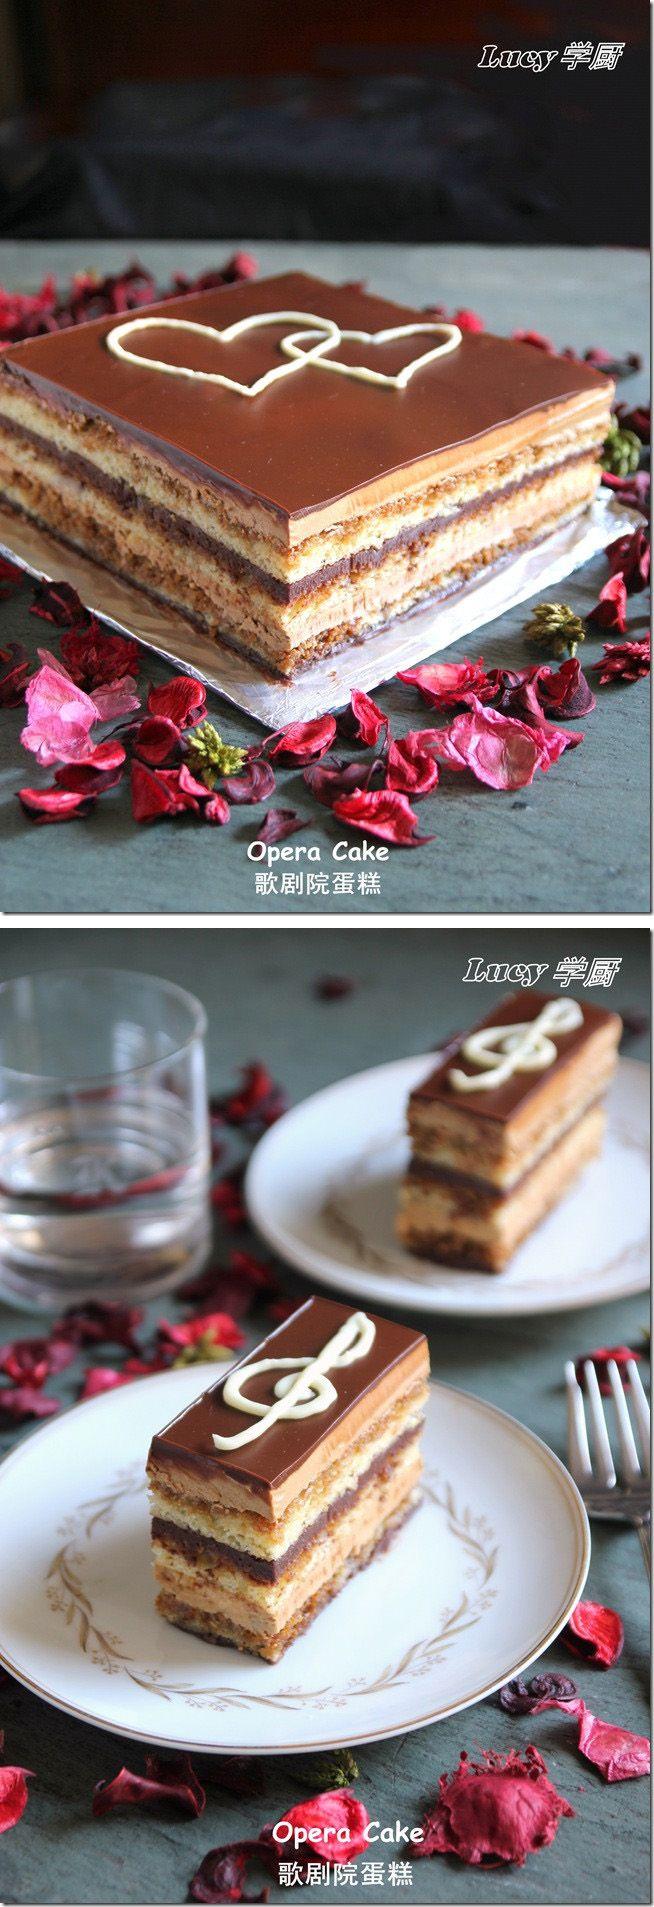 Tarta Ópera / imagen: http://lucyzk.blog.163.com/blog